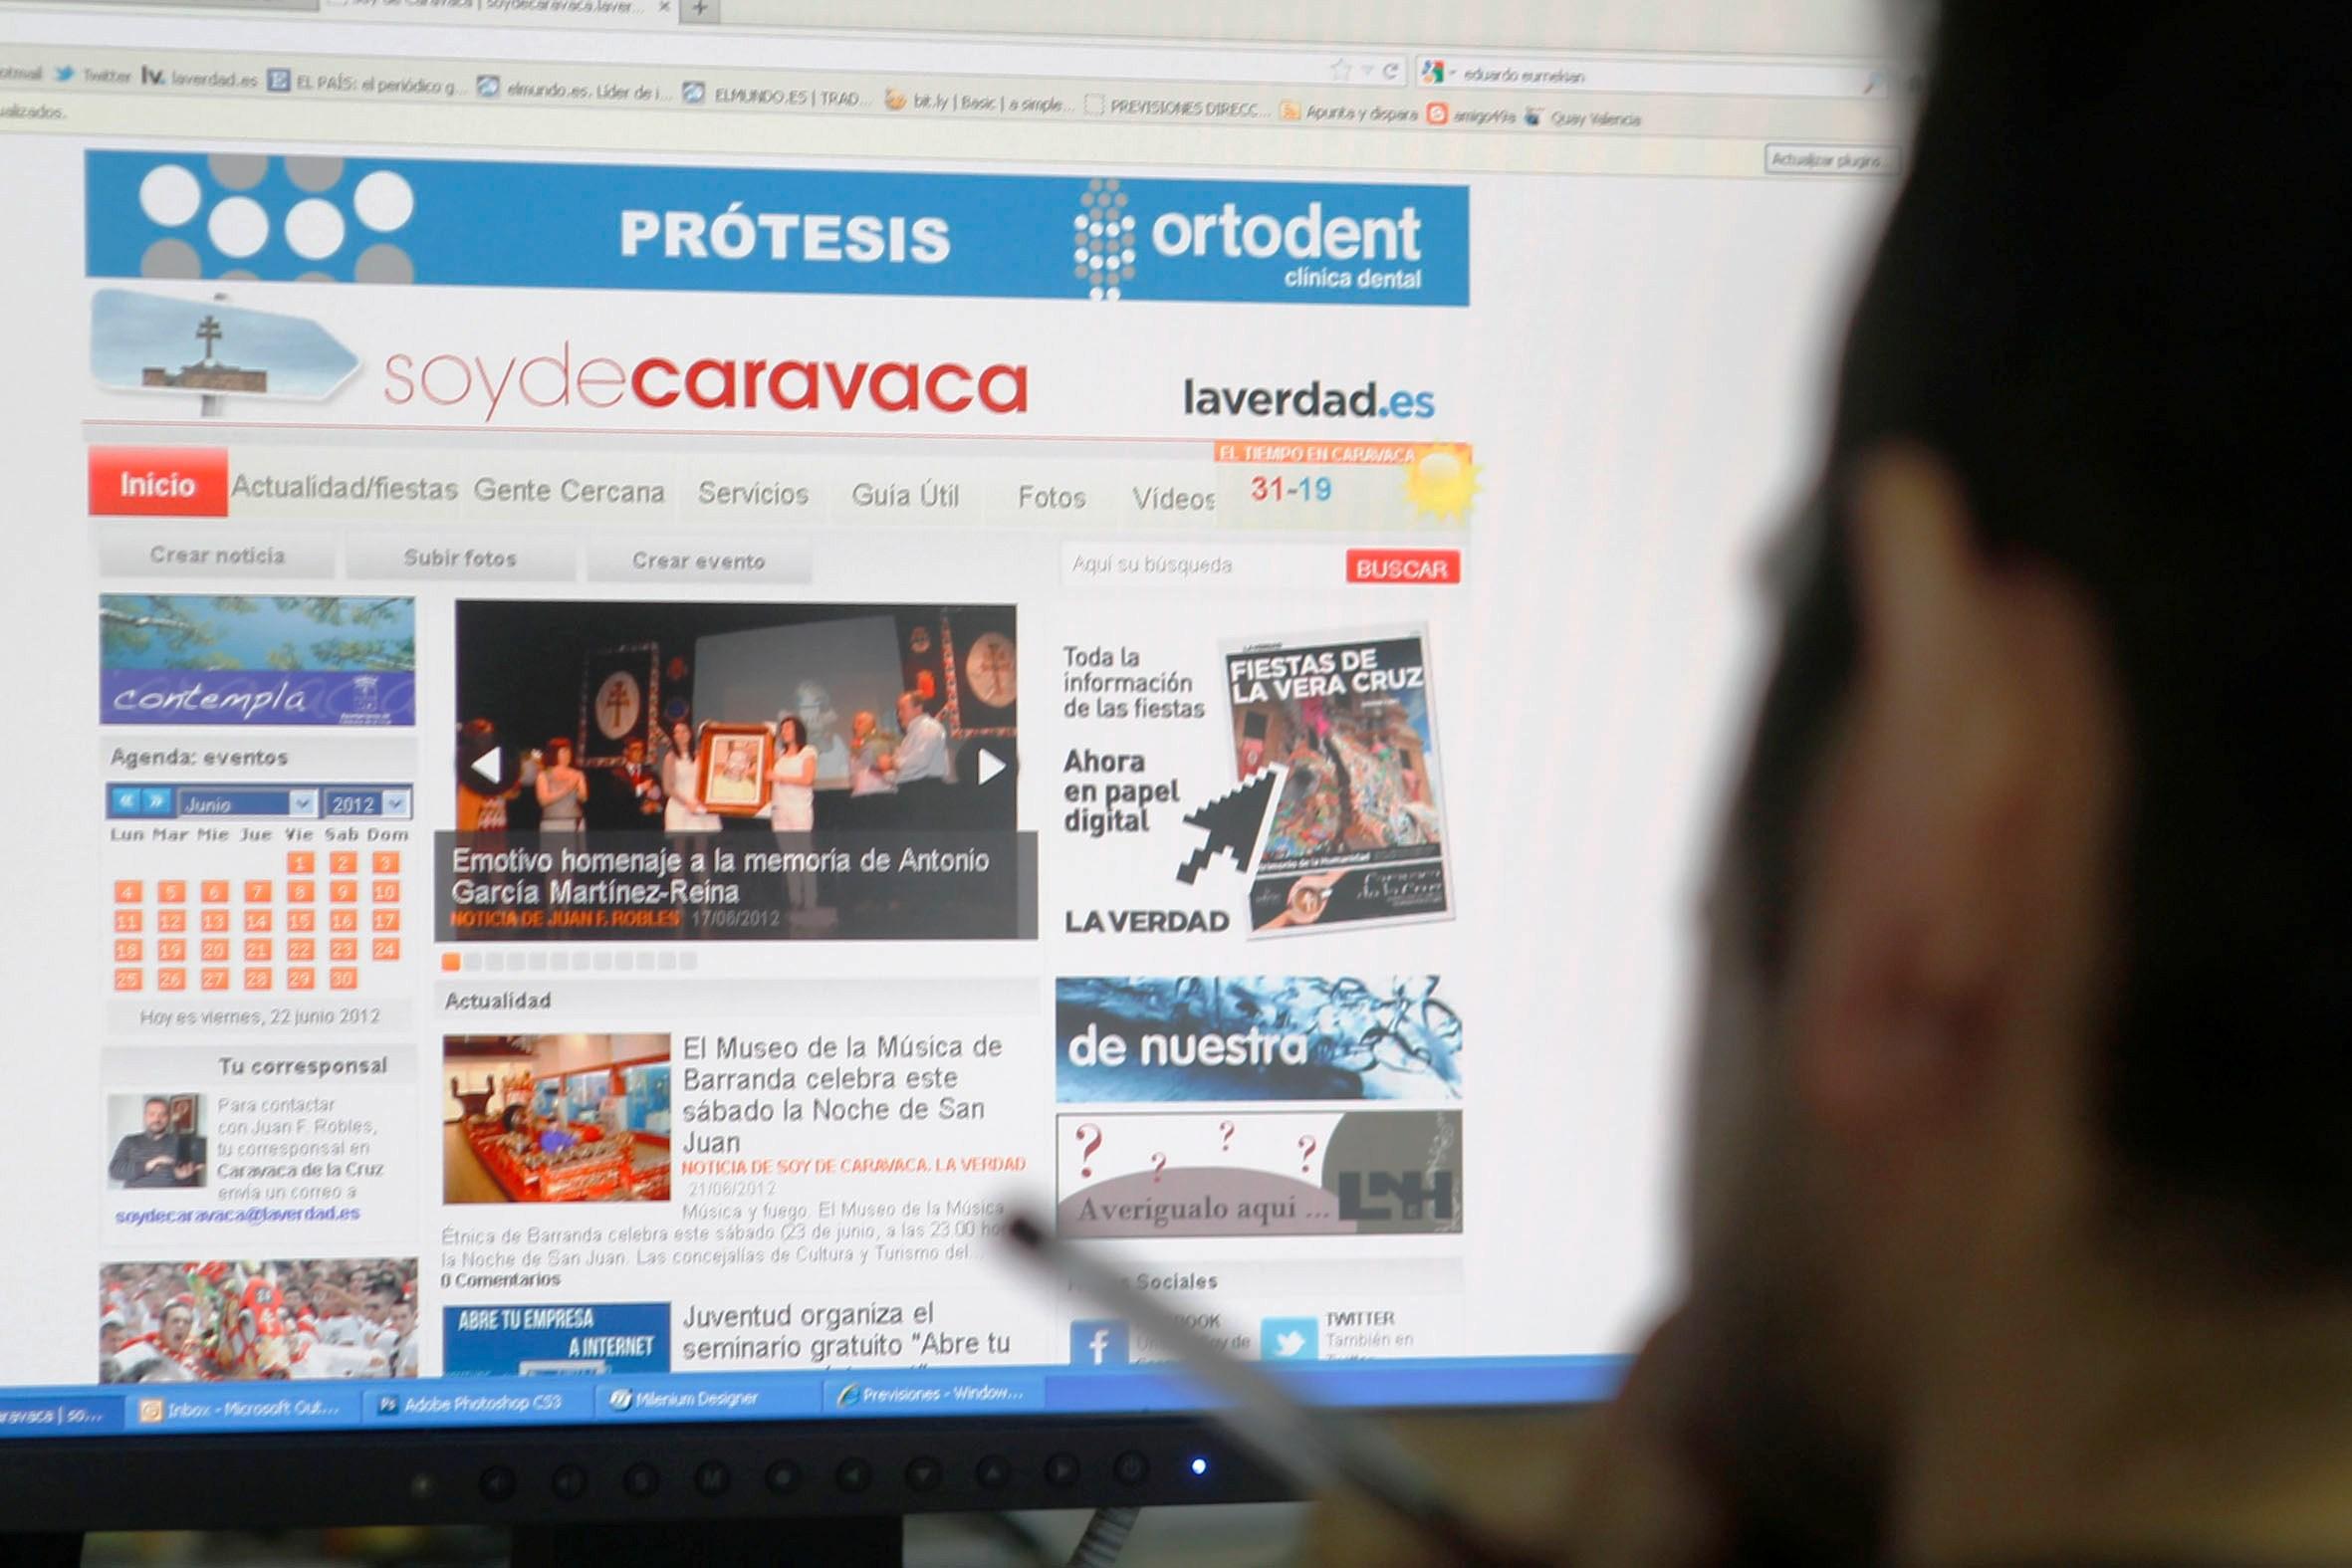 'Soy de Caravaca' logra una excelente acogida entre los internautas